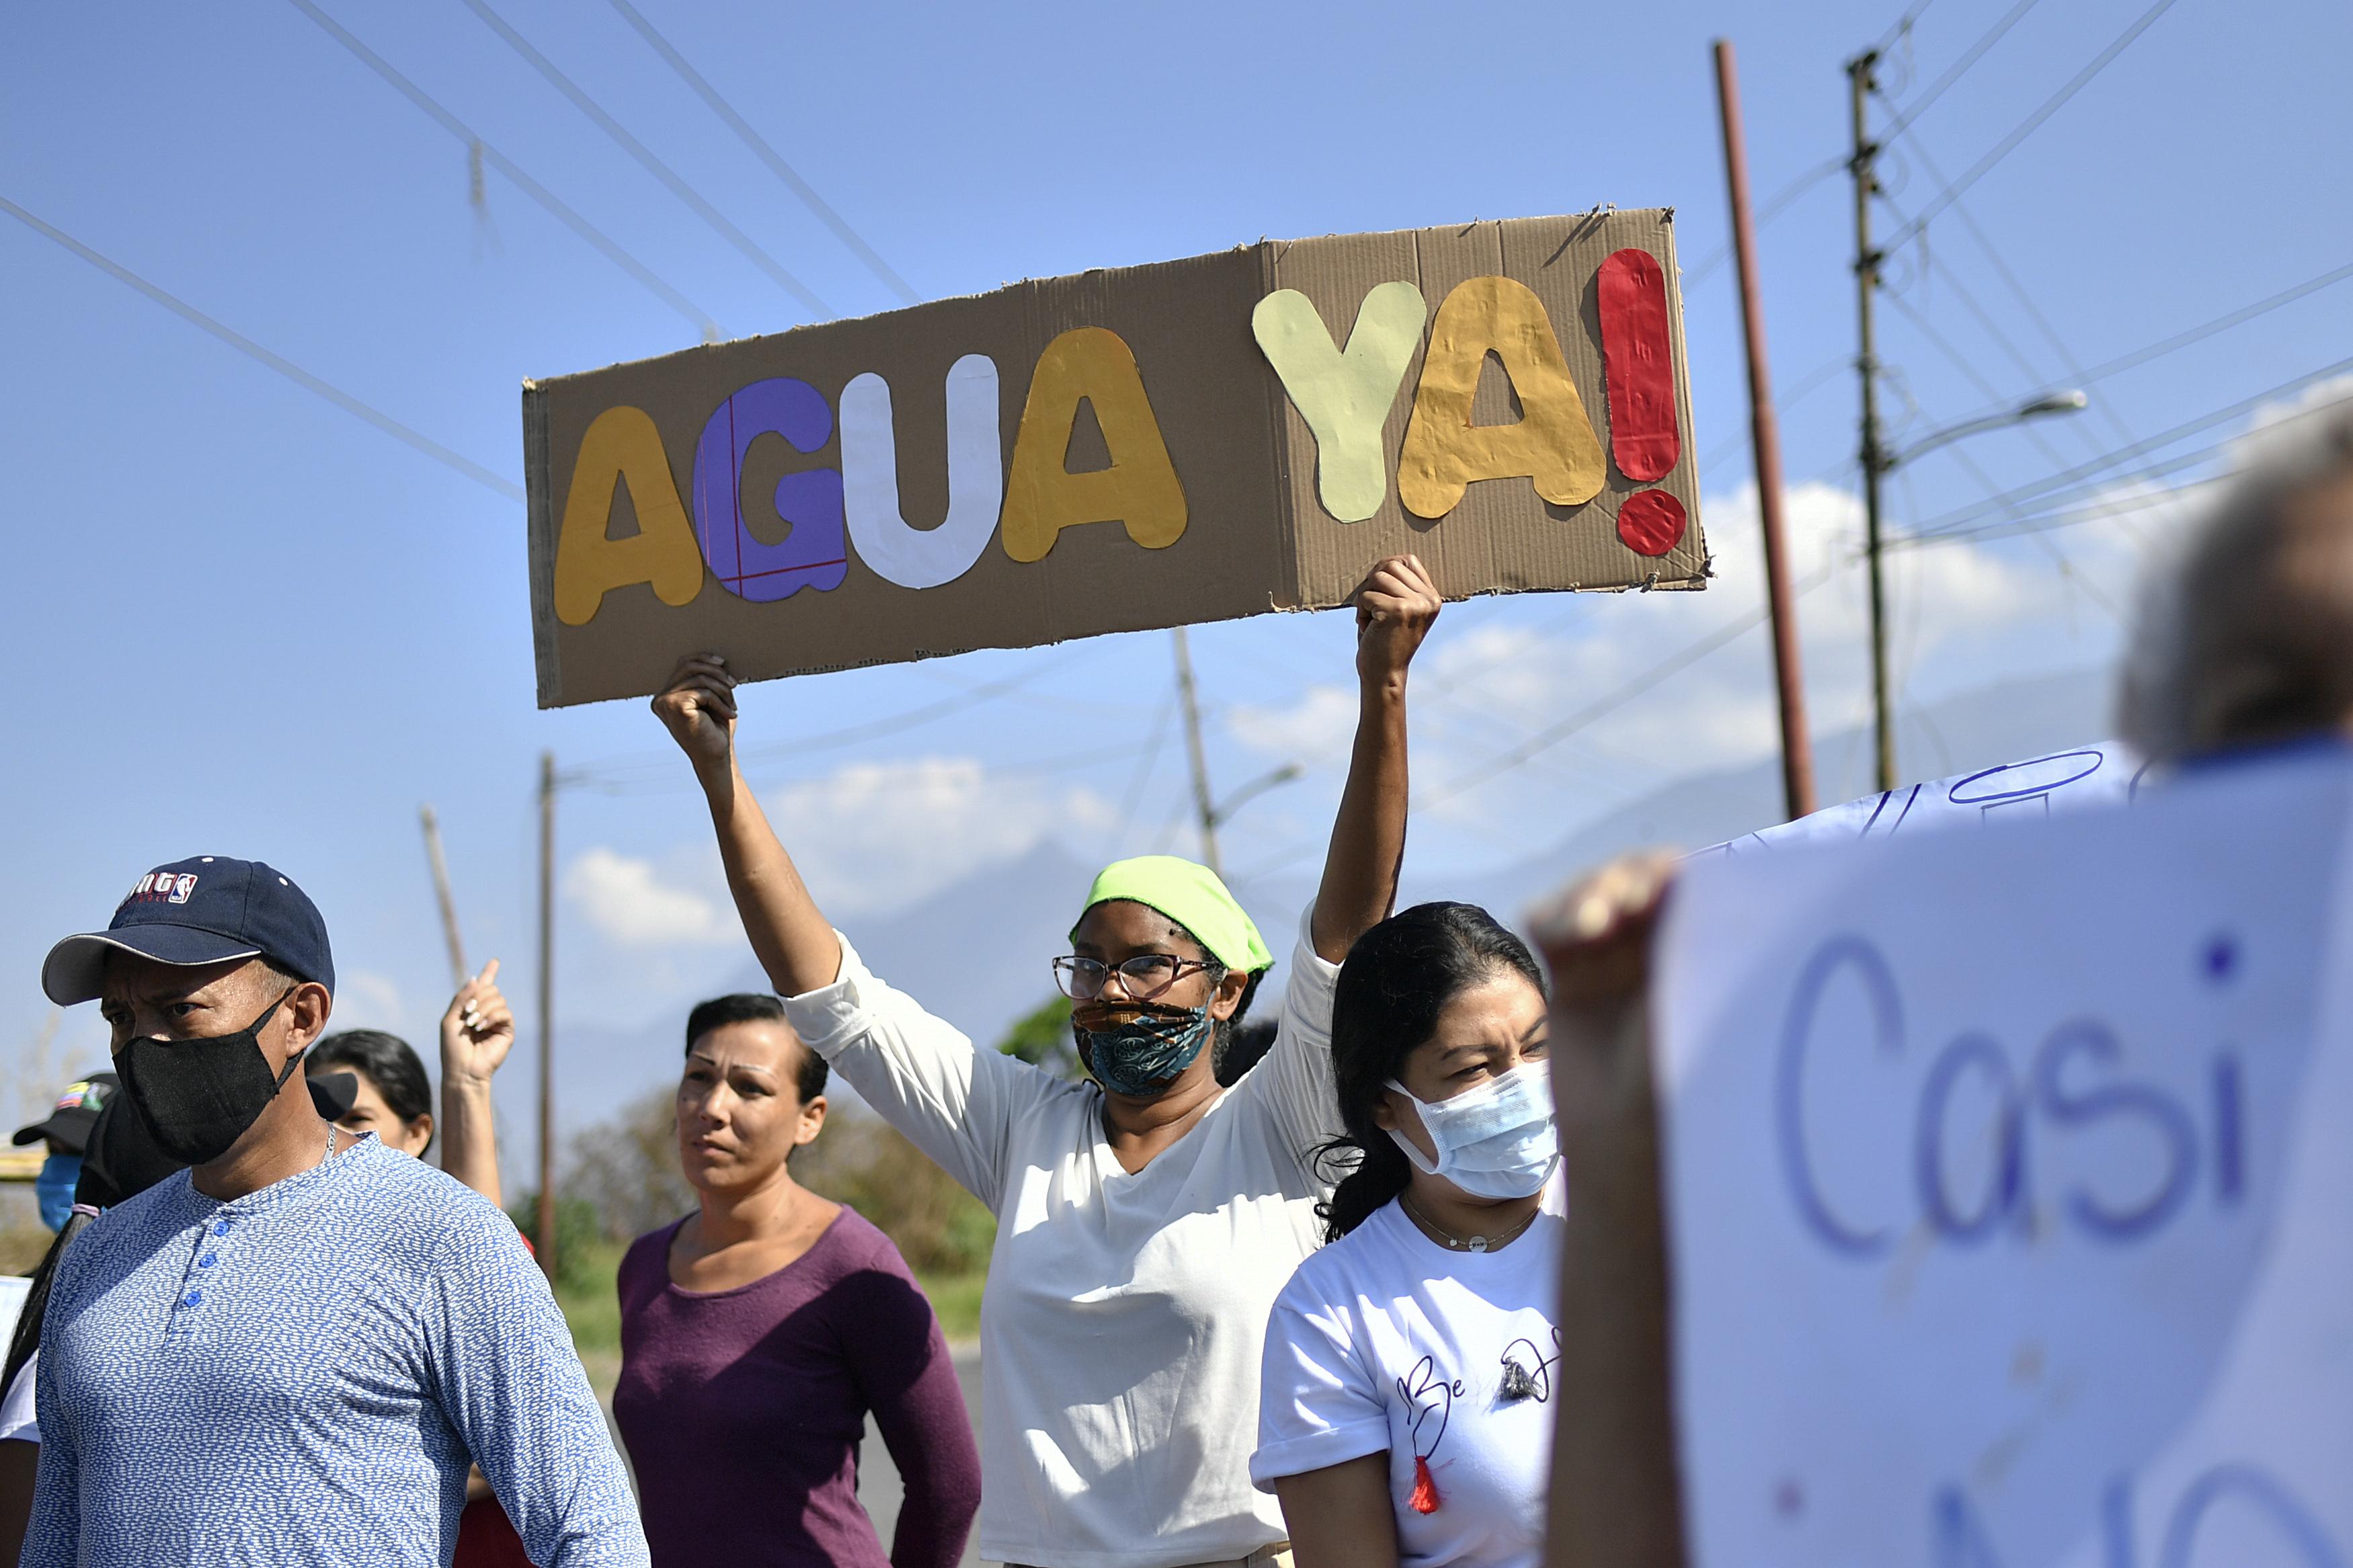 Residentes en el vecindario La Lira protestan por la falta de servicios públicos, incluyendo agua, en Caracas, Venezuela, el 21 de mayo de 2020. Se estima que el 86% de los venezolanos reportó problemas con el suministro de agua, incluyendo un 11% que no tiene, según una encuesta realizada por la ONG Observatorio Venezolano de Servicios Públicos entre 4.500 residentes en abril. (AP Foto/Matias Delacroix)